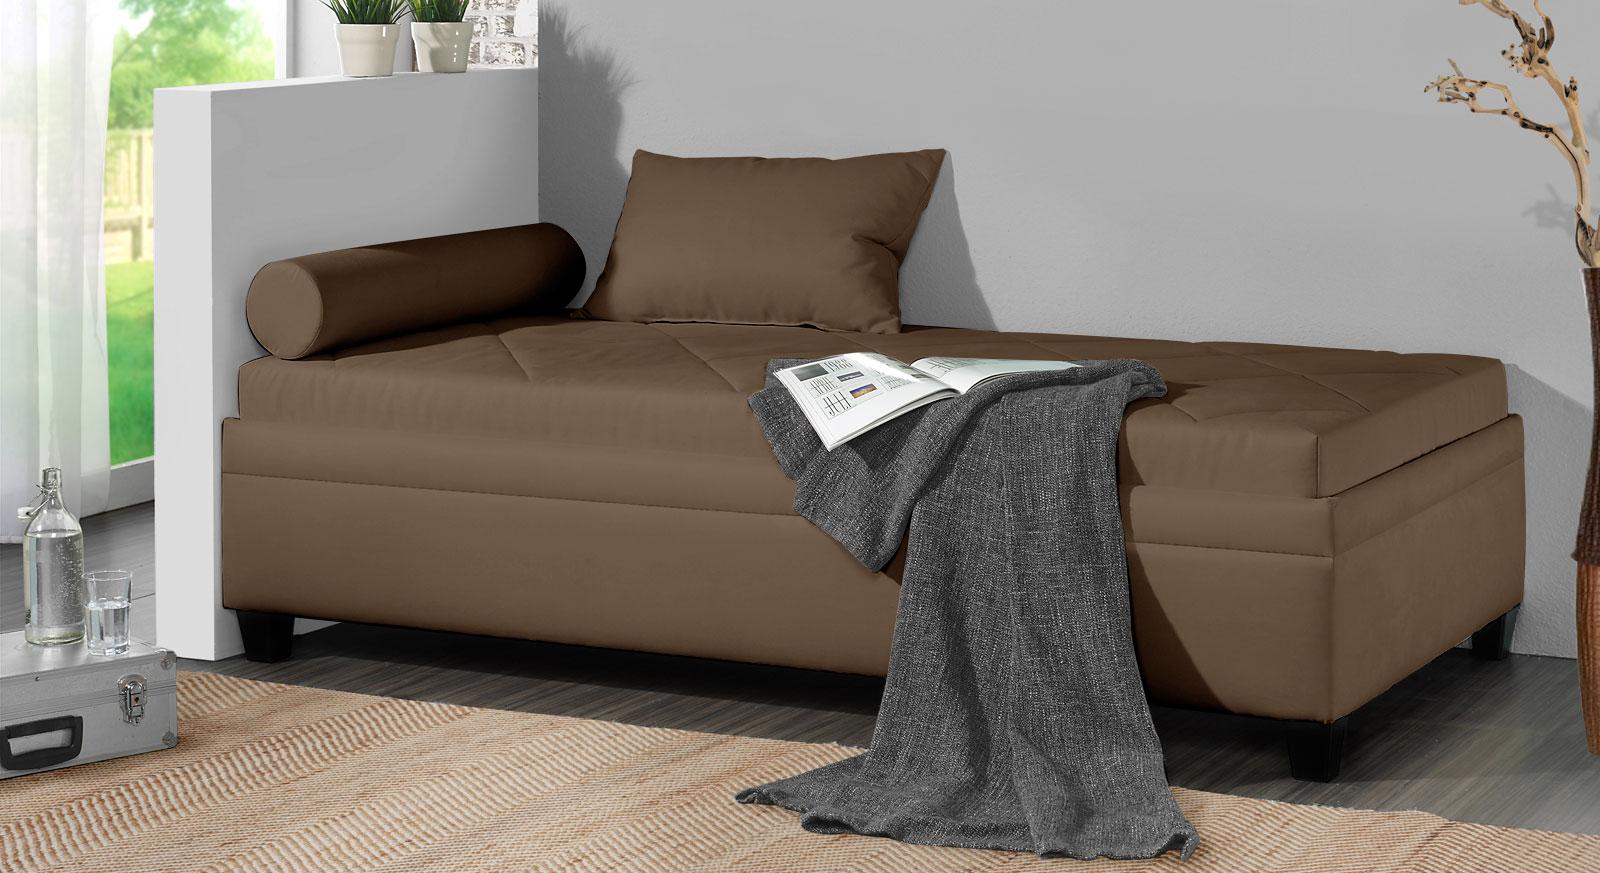 relaxliege mit bettkasten in microvelours und holzf en. Black Bedroom Furniture Sets. Home Design Ideas